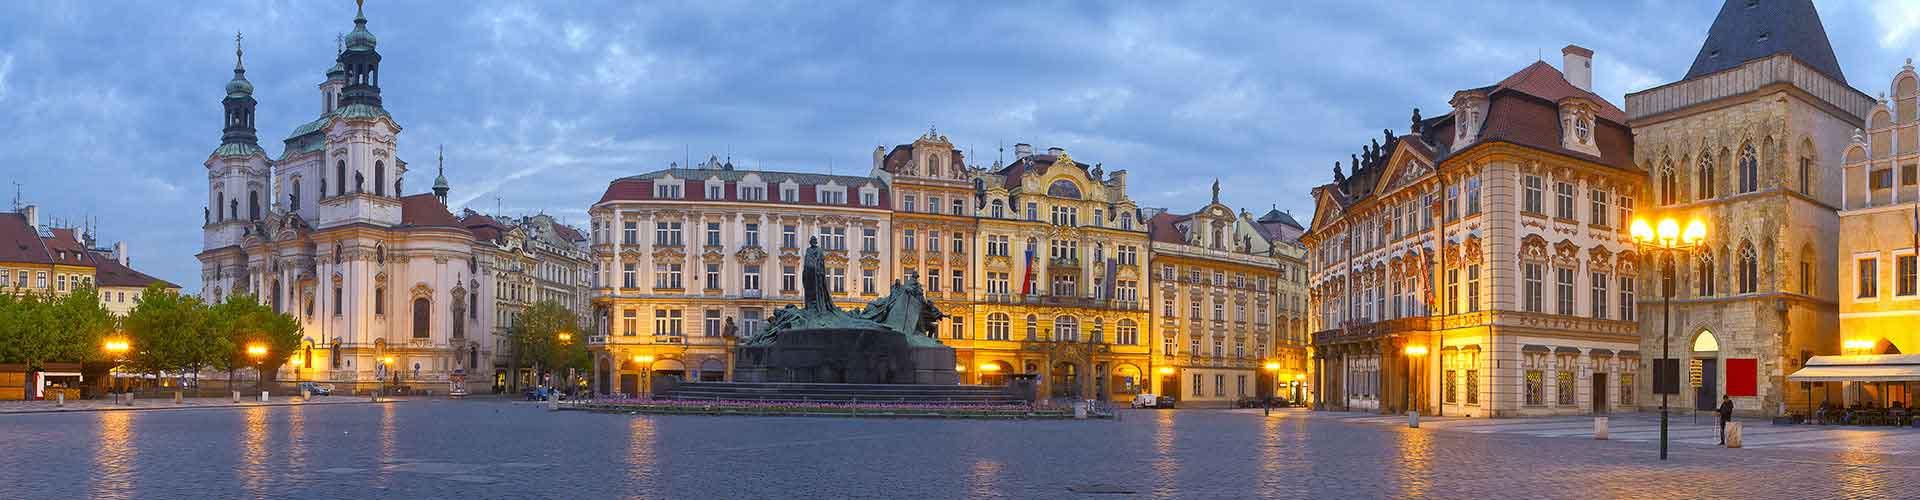 Praha – Hostellit lähellä Kupungin keskusta. Praha -karttoja, valokuvia ja arvosteluja kaikista Praha -hostelleista.